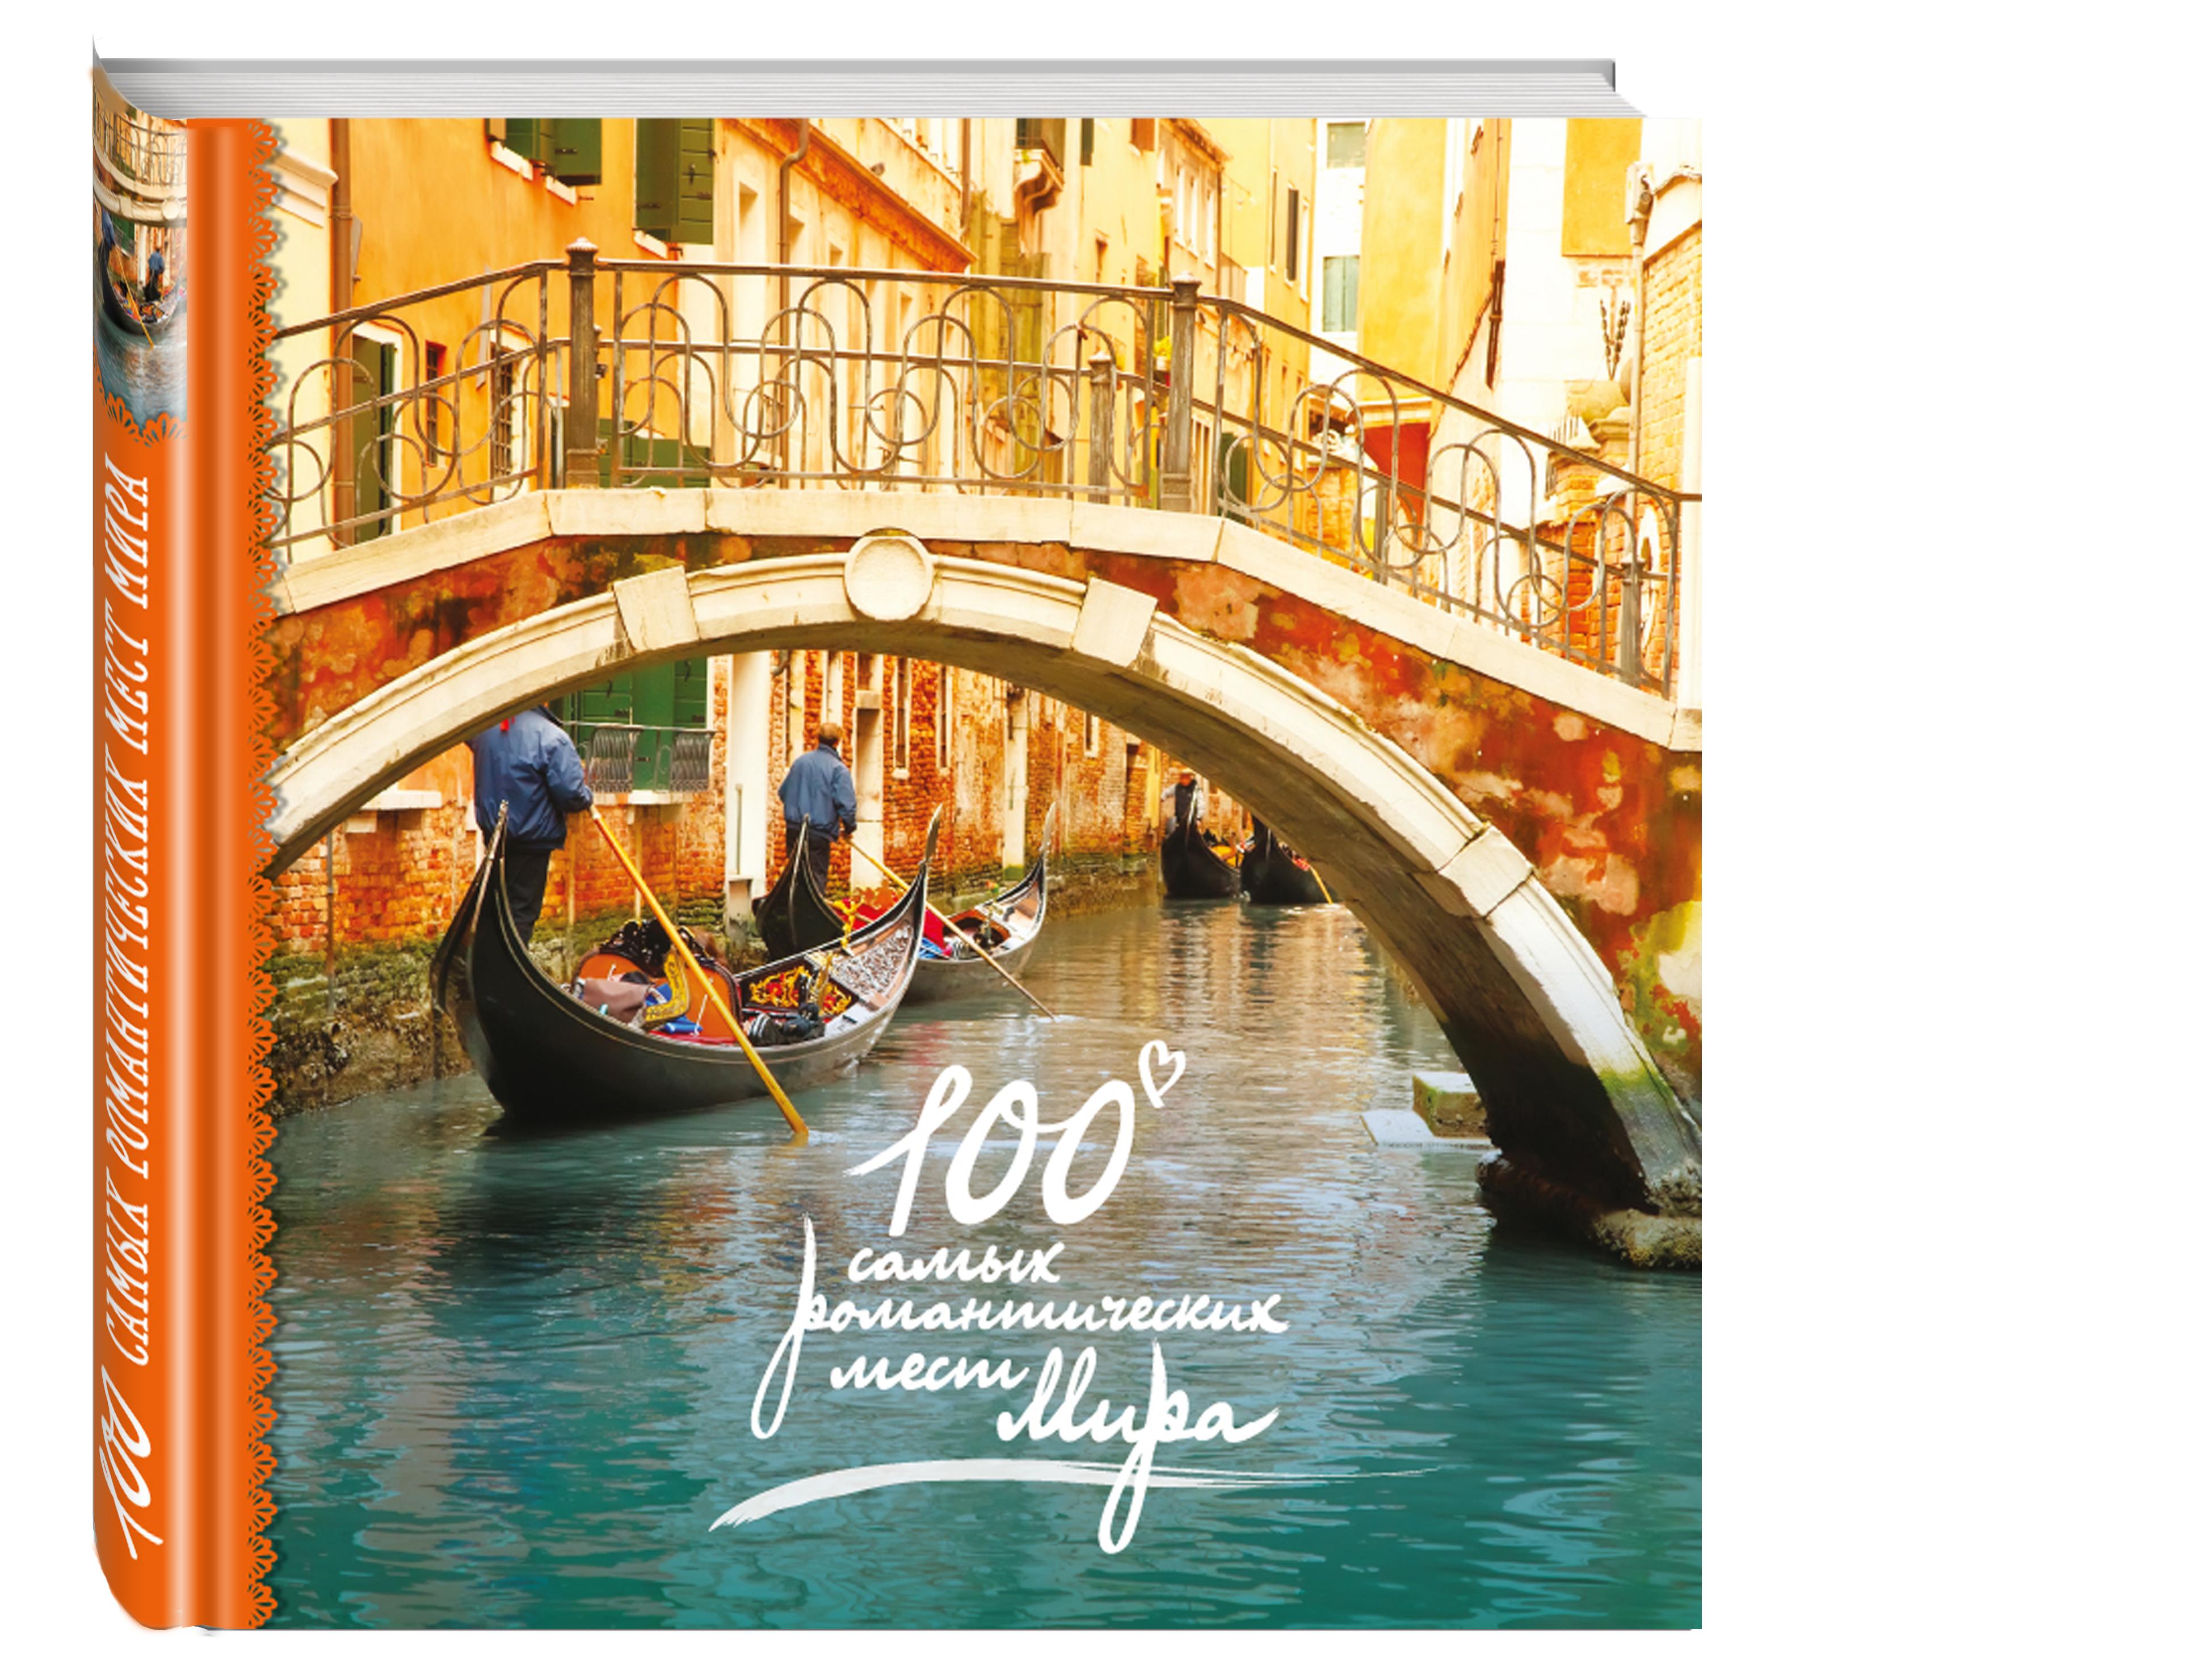 100 самых романтических мест мира (нов. оф.) 100 самых романтических мест мира